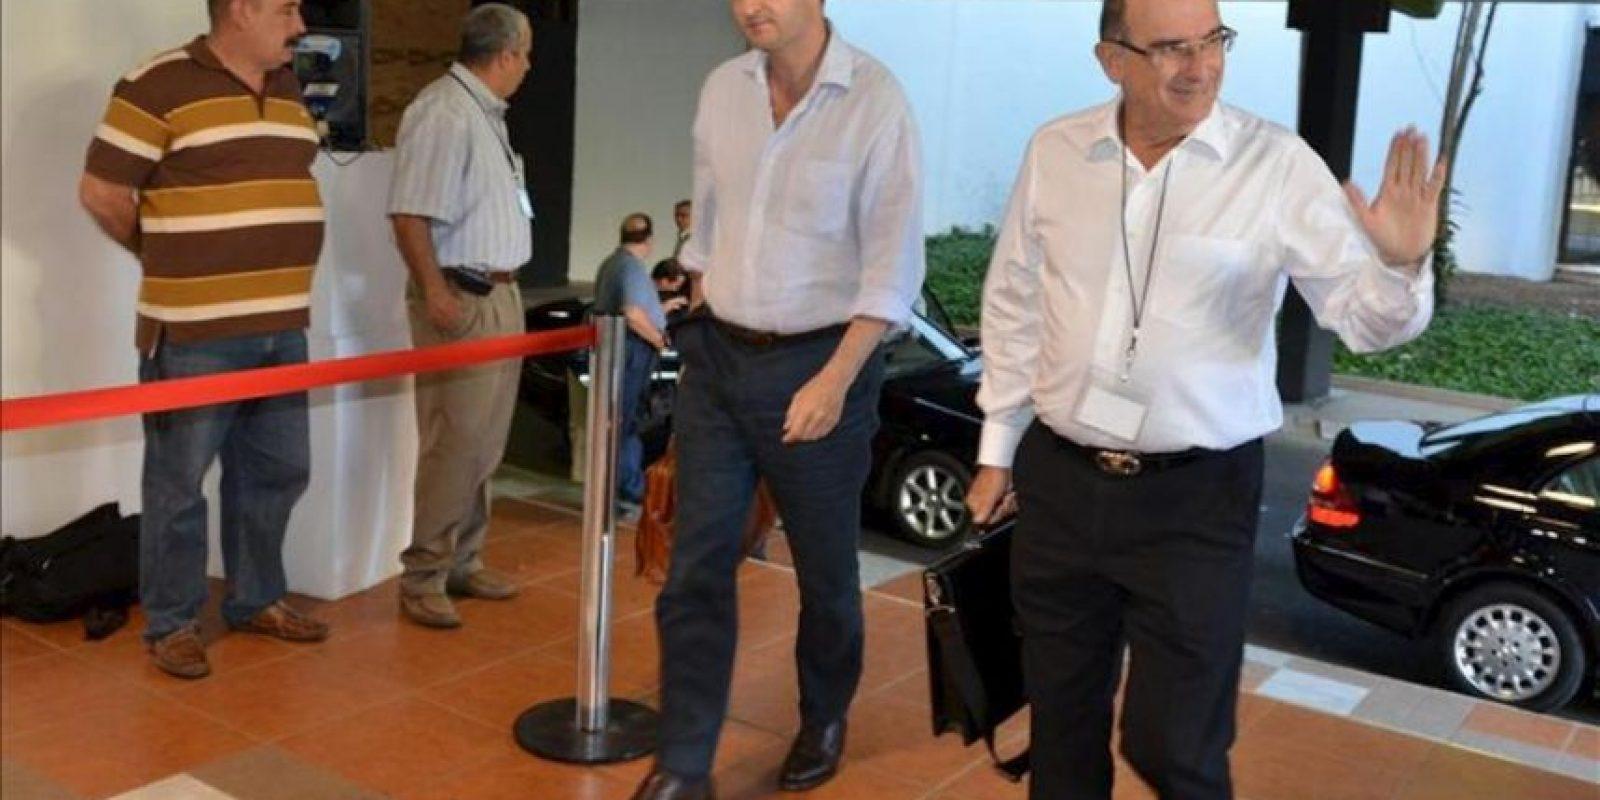 El jefe del equipo negociador del Gobierno de Colombia en los diálogos de paz con la guerrilla de las FARC, Humberto de la Calle (d), llega al Centro de Convenciones de La Habana (Cuba), donde continúan las conversaciones entre ambas partes. EFE